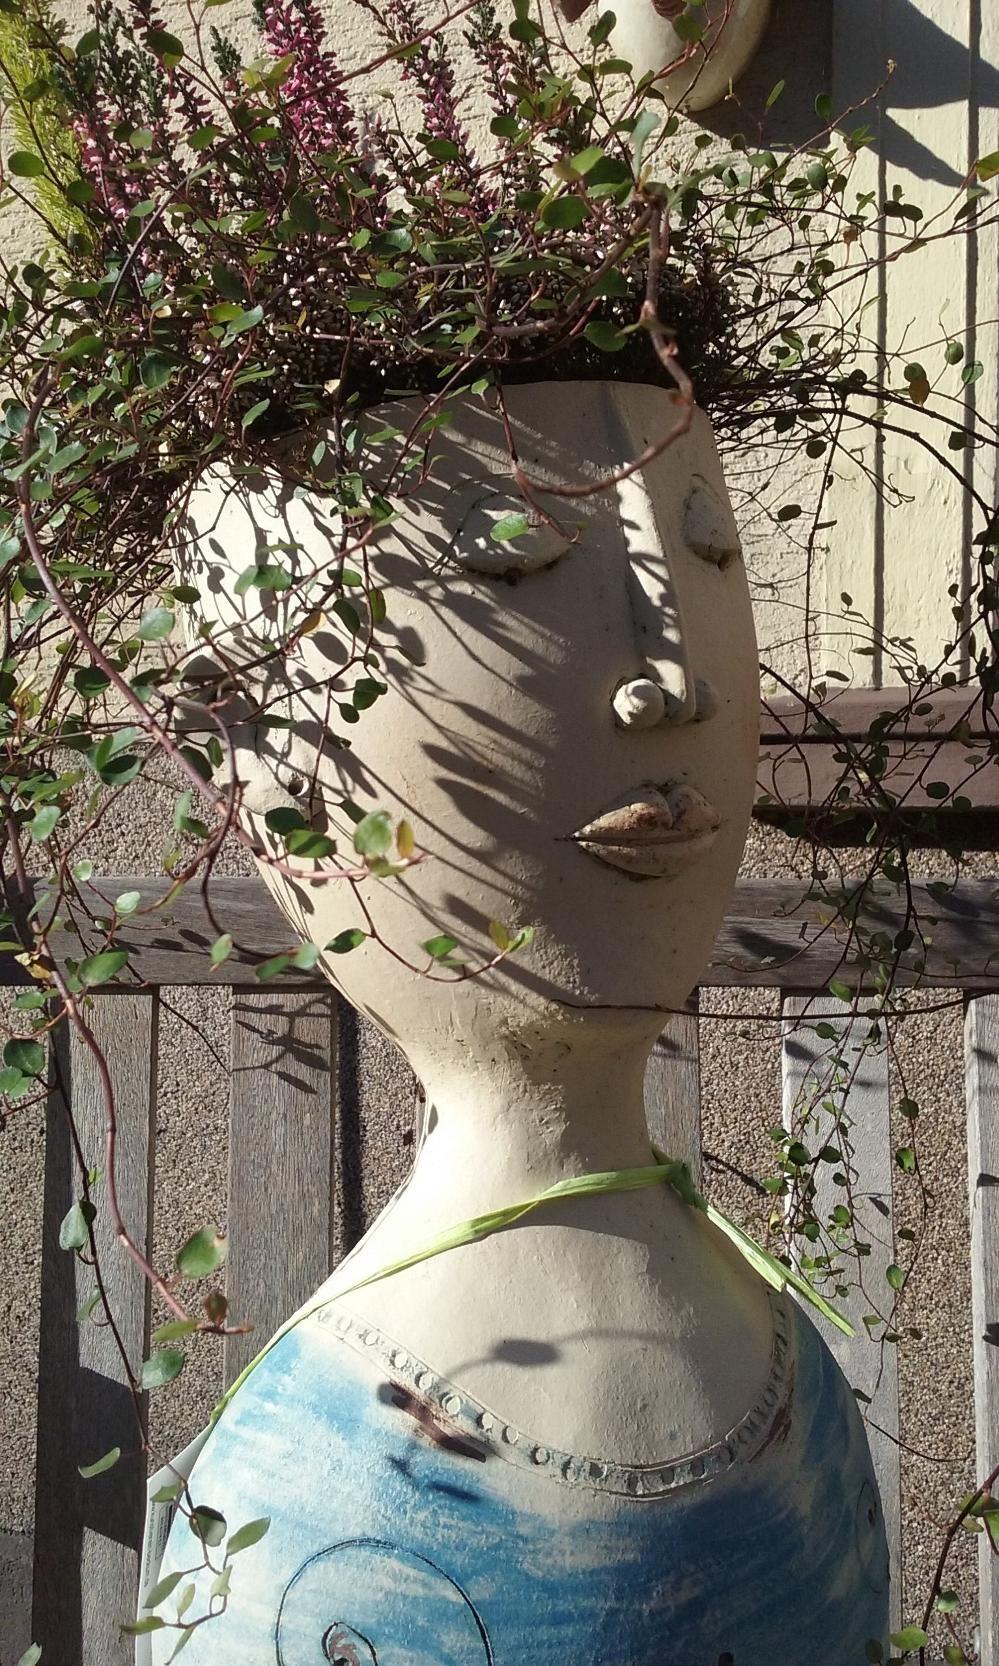 Keramik, Figur, Keramikskulptur, Gartenkeramik, Skulptur | Keramik ...